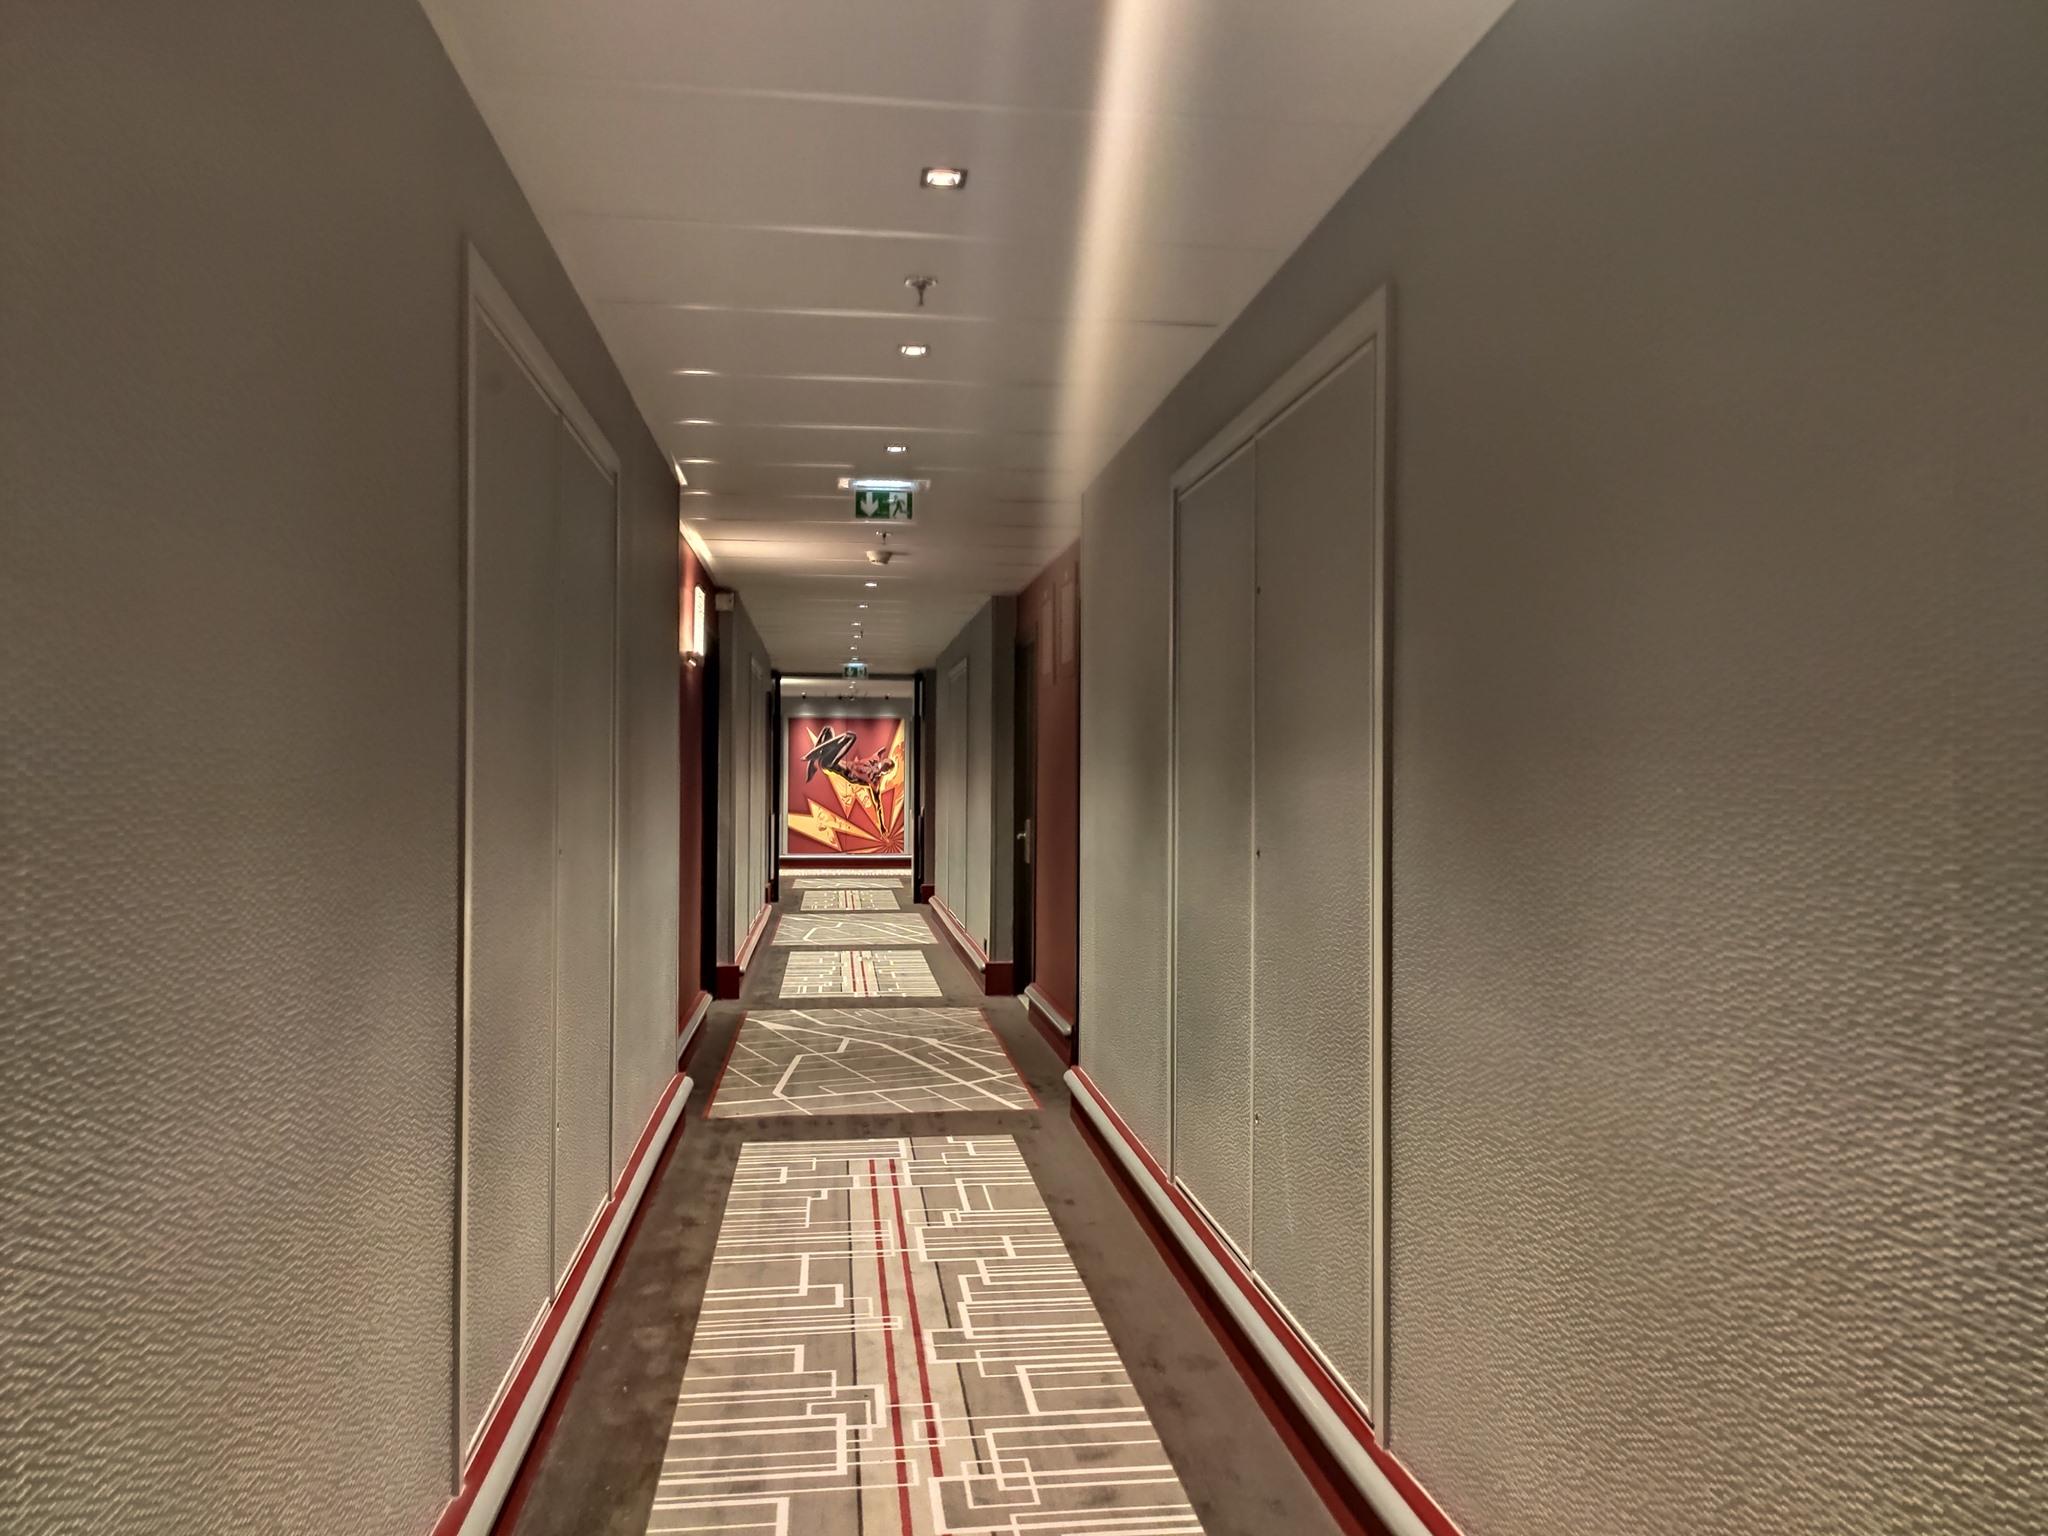 Couloir - Disney's Hotel New York - The Art of Marvel